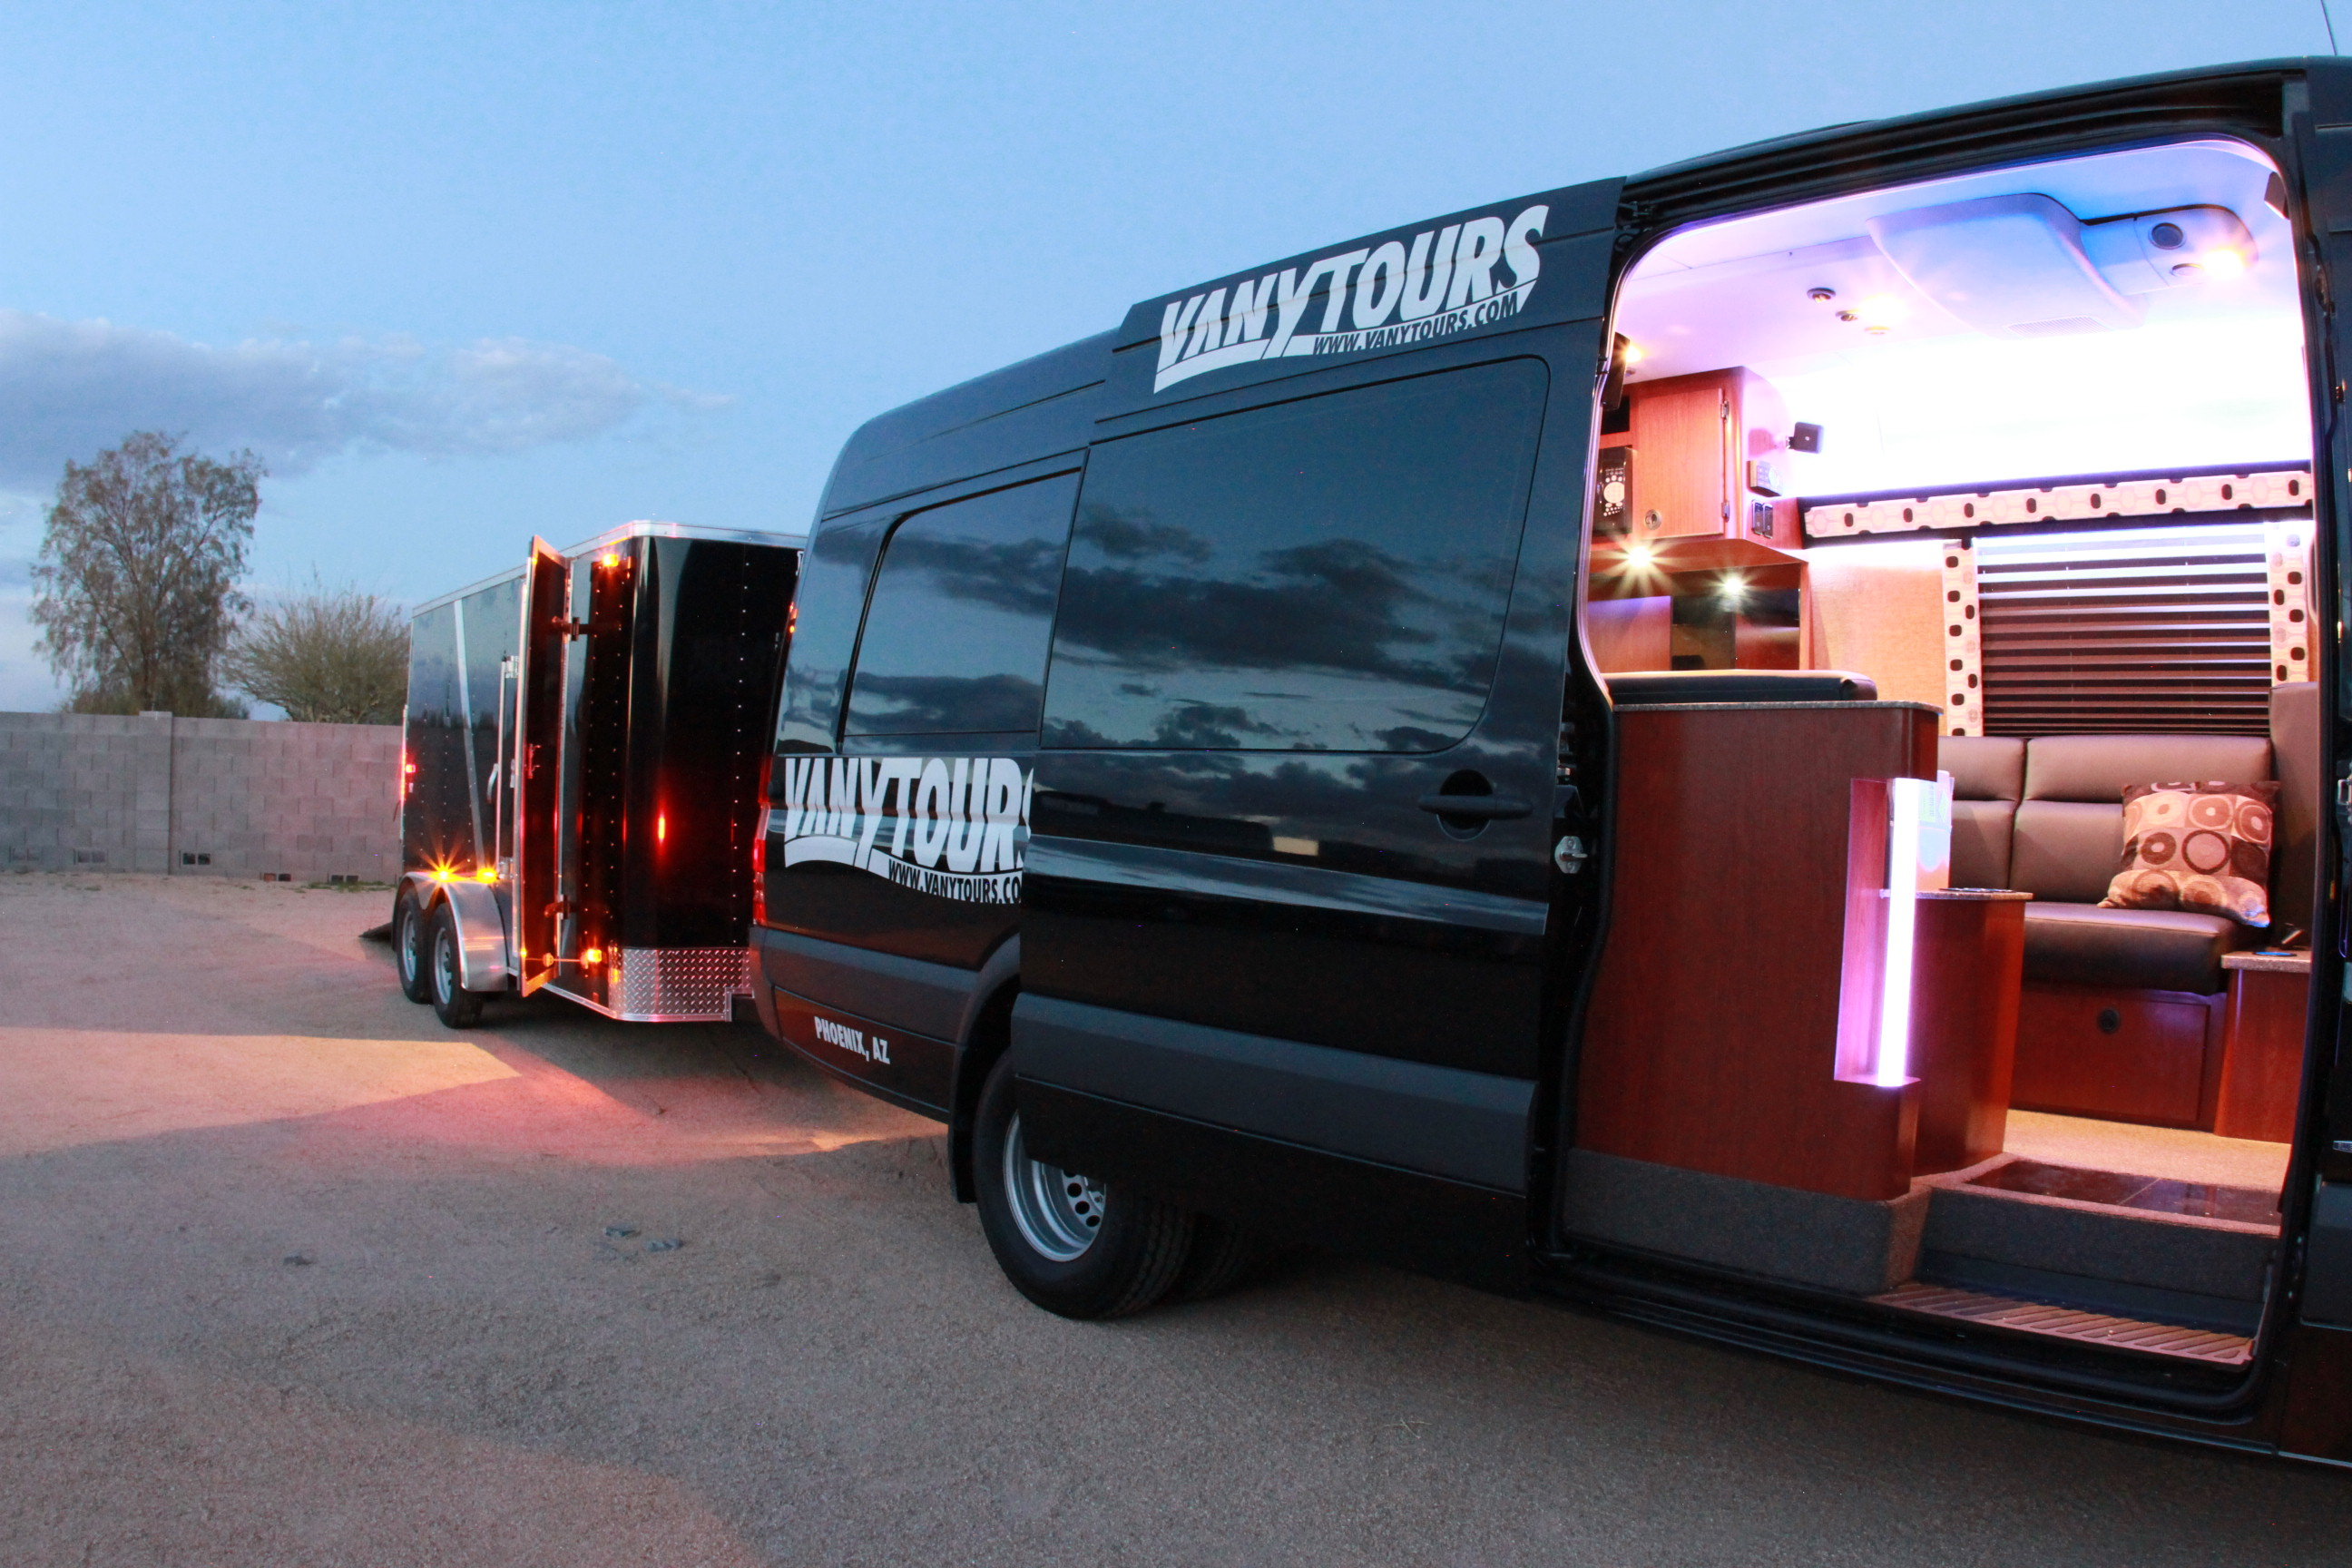 Van Y Tours Adds Three New Luxury Vans To Its Rental Ranks